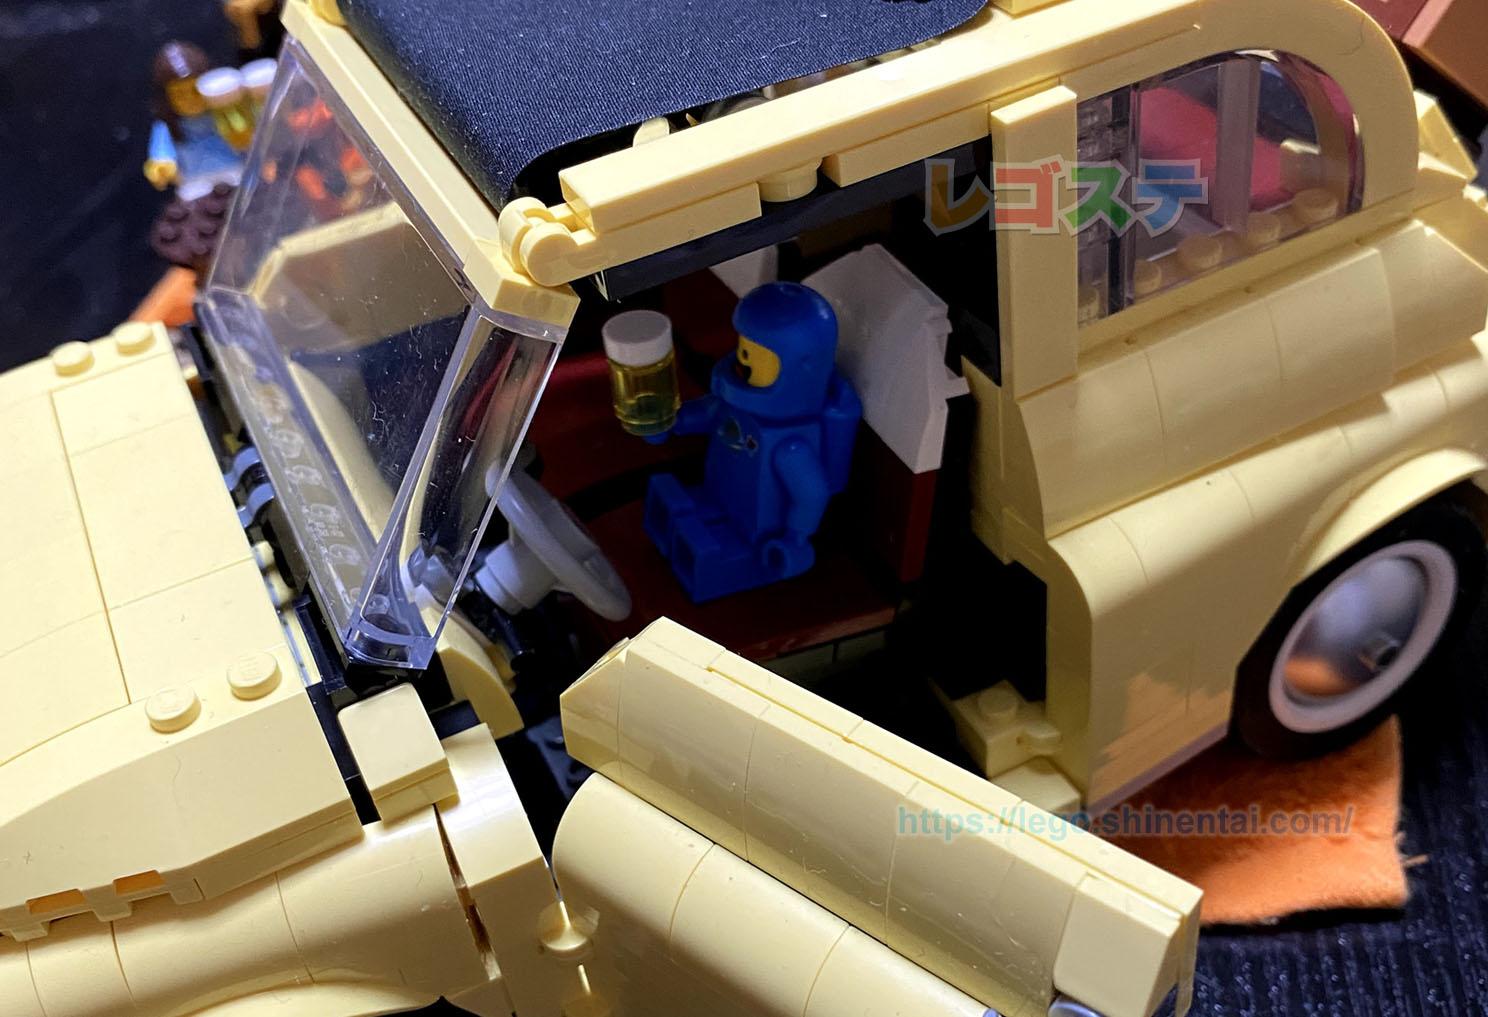 レゴ(LEGO)レビュー:10271 フィアット500:クリエイター・エキスパート